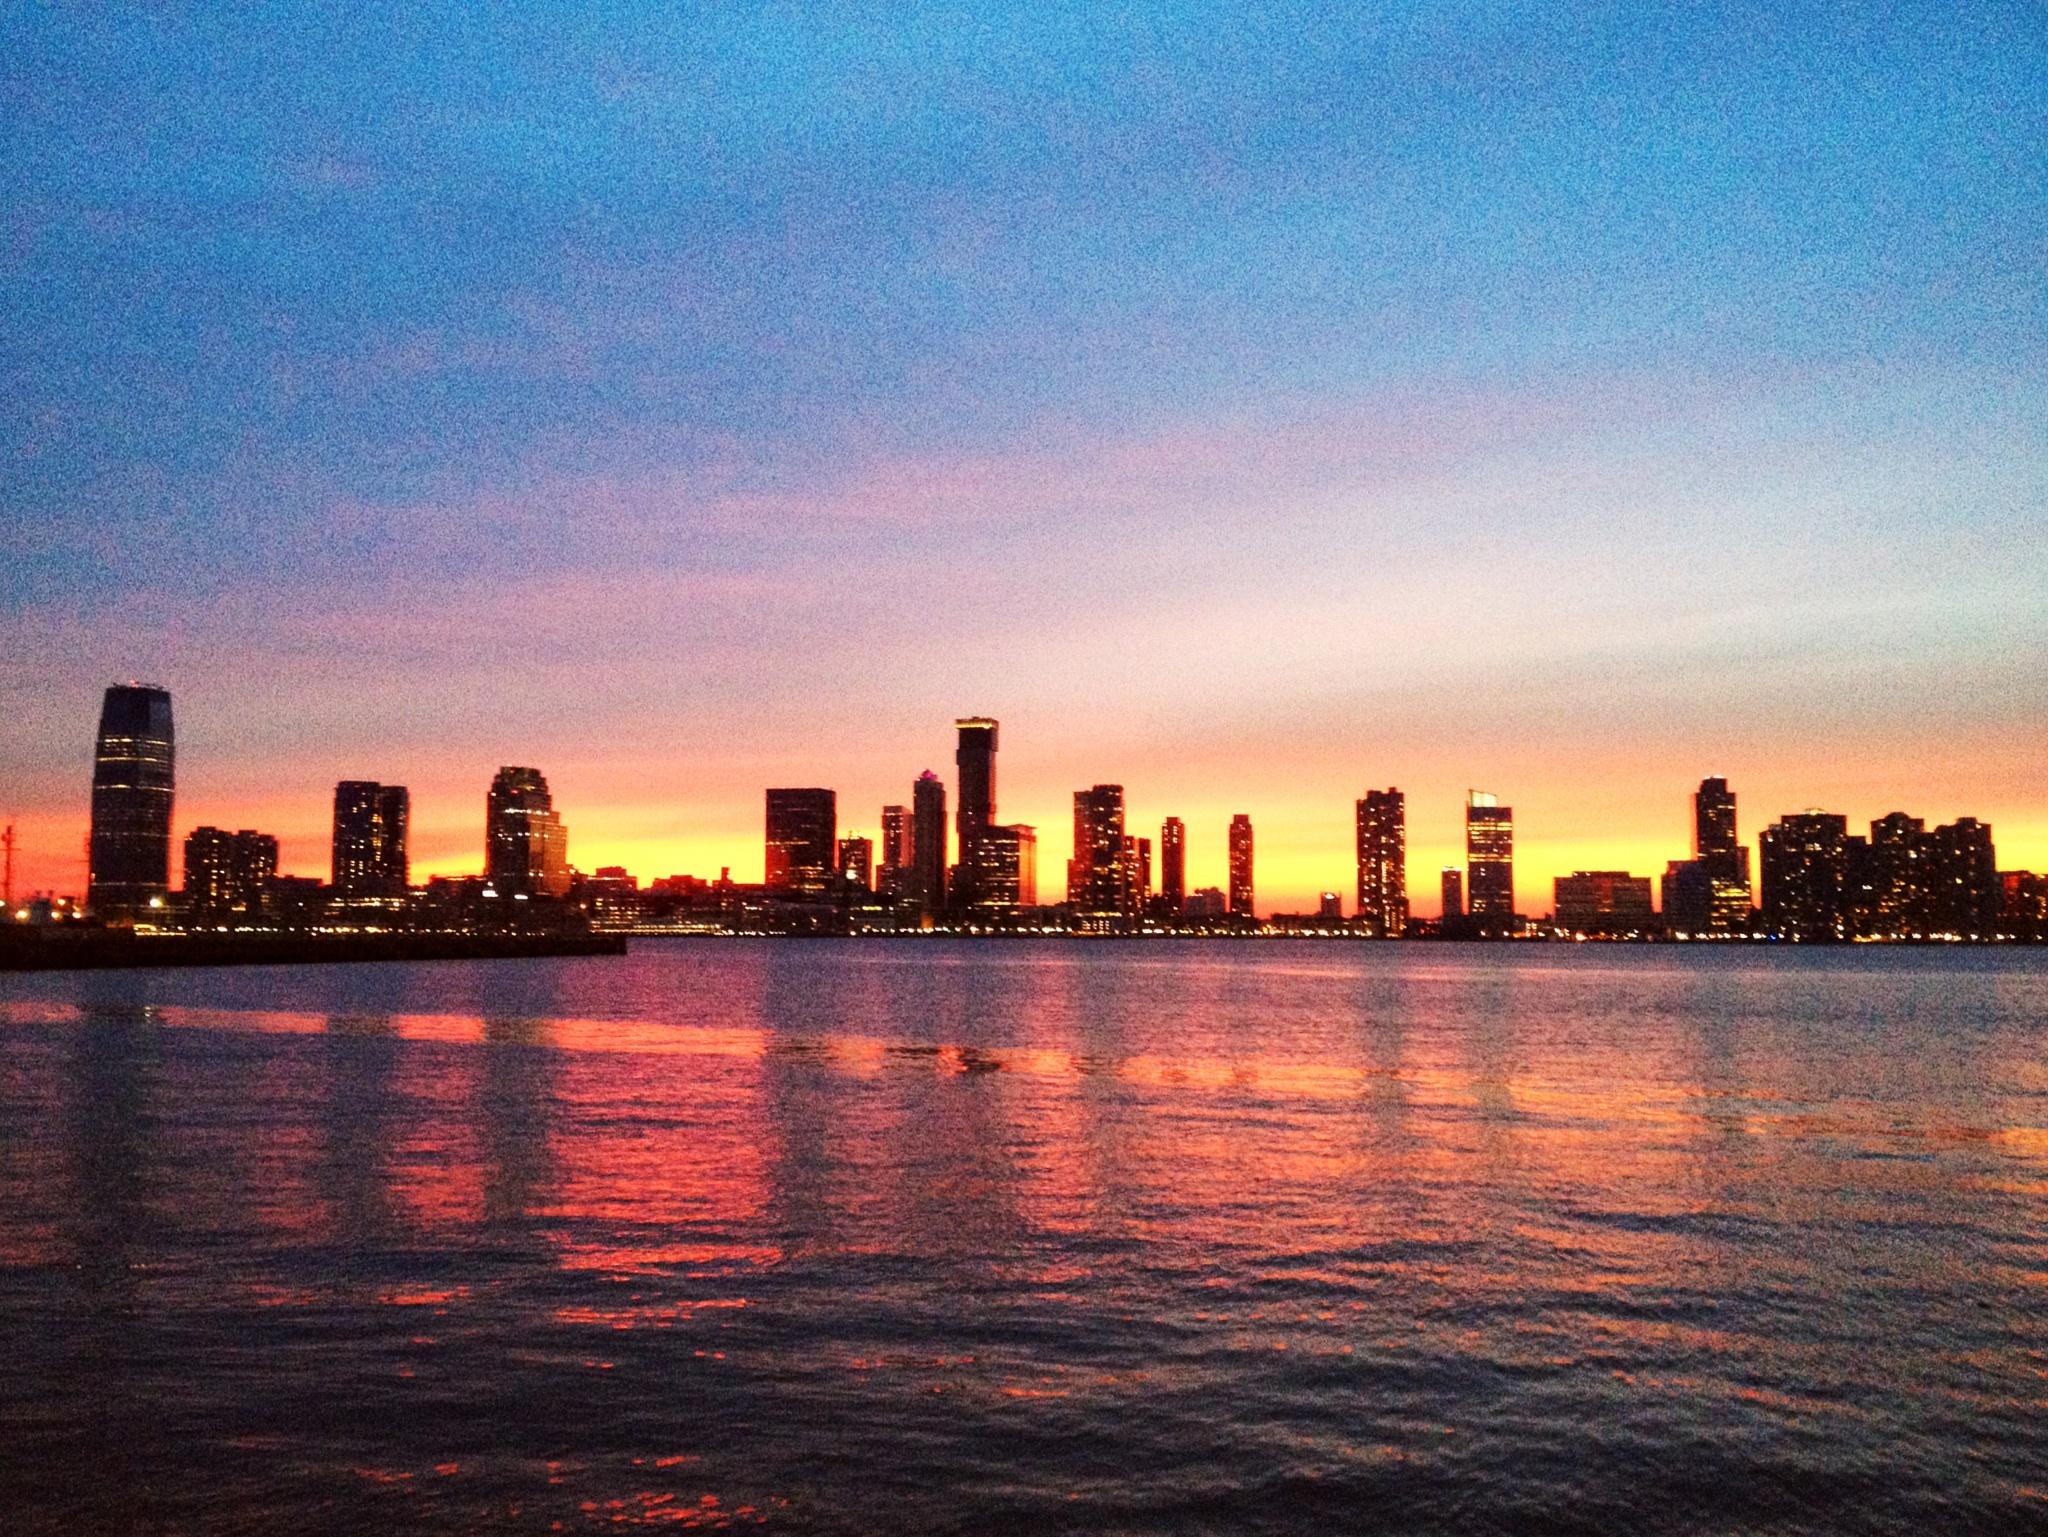 New Jersey sunset by Jostijn Ligtvoet Fotografie